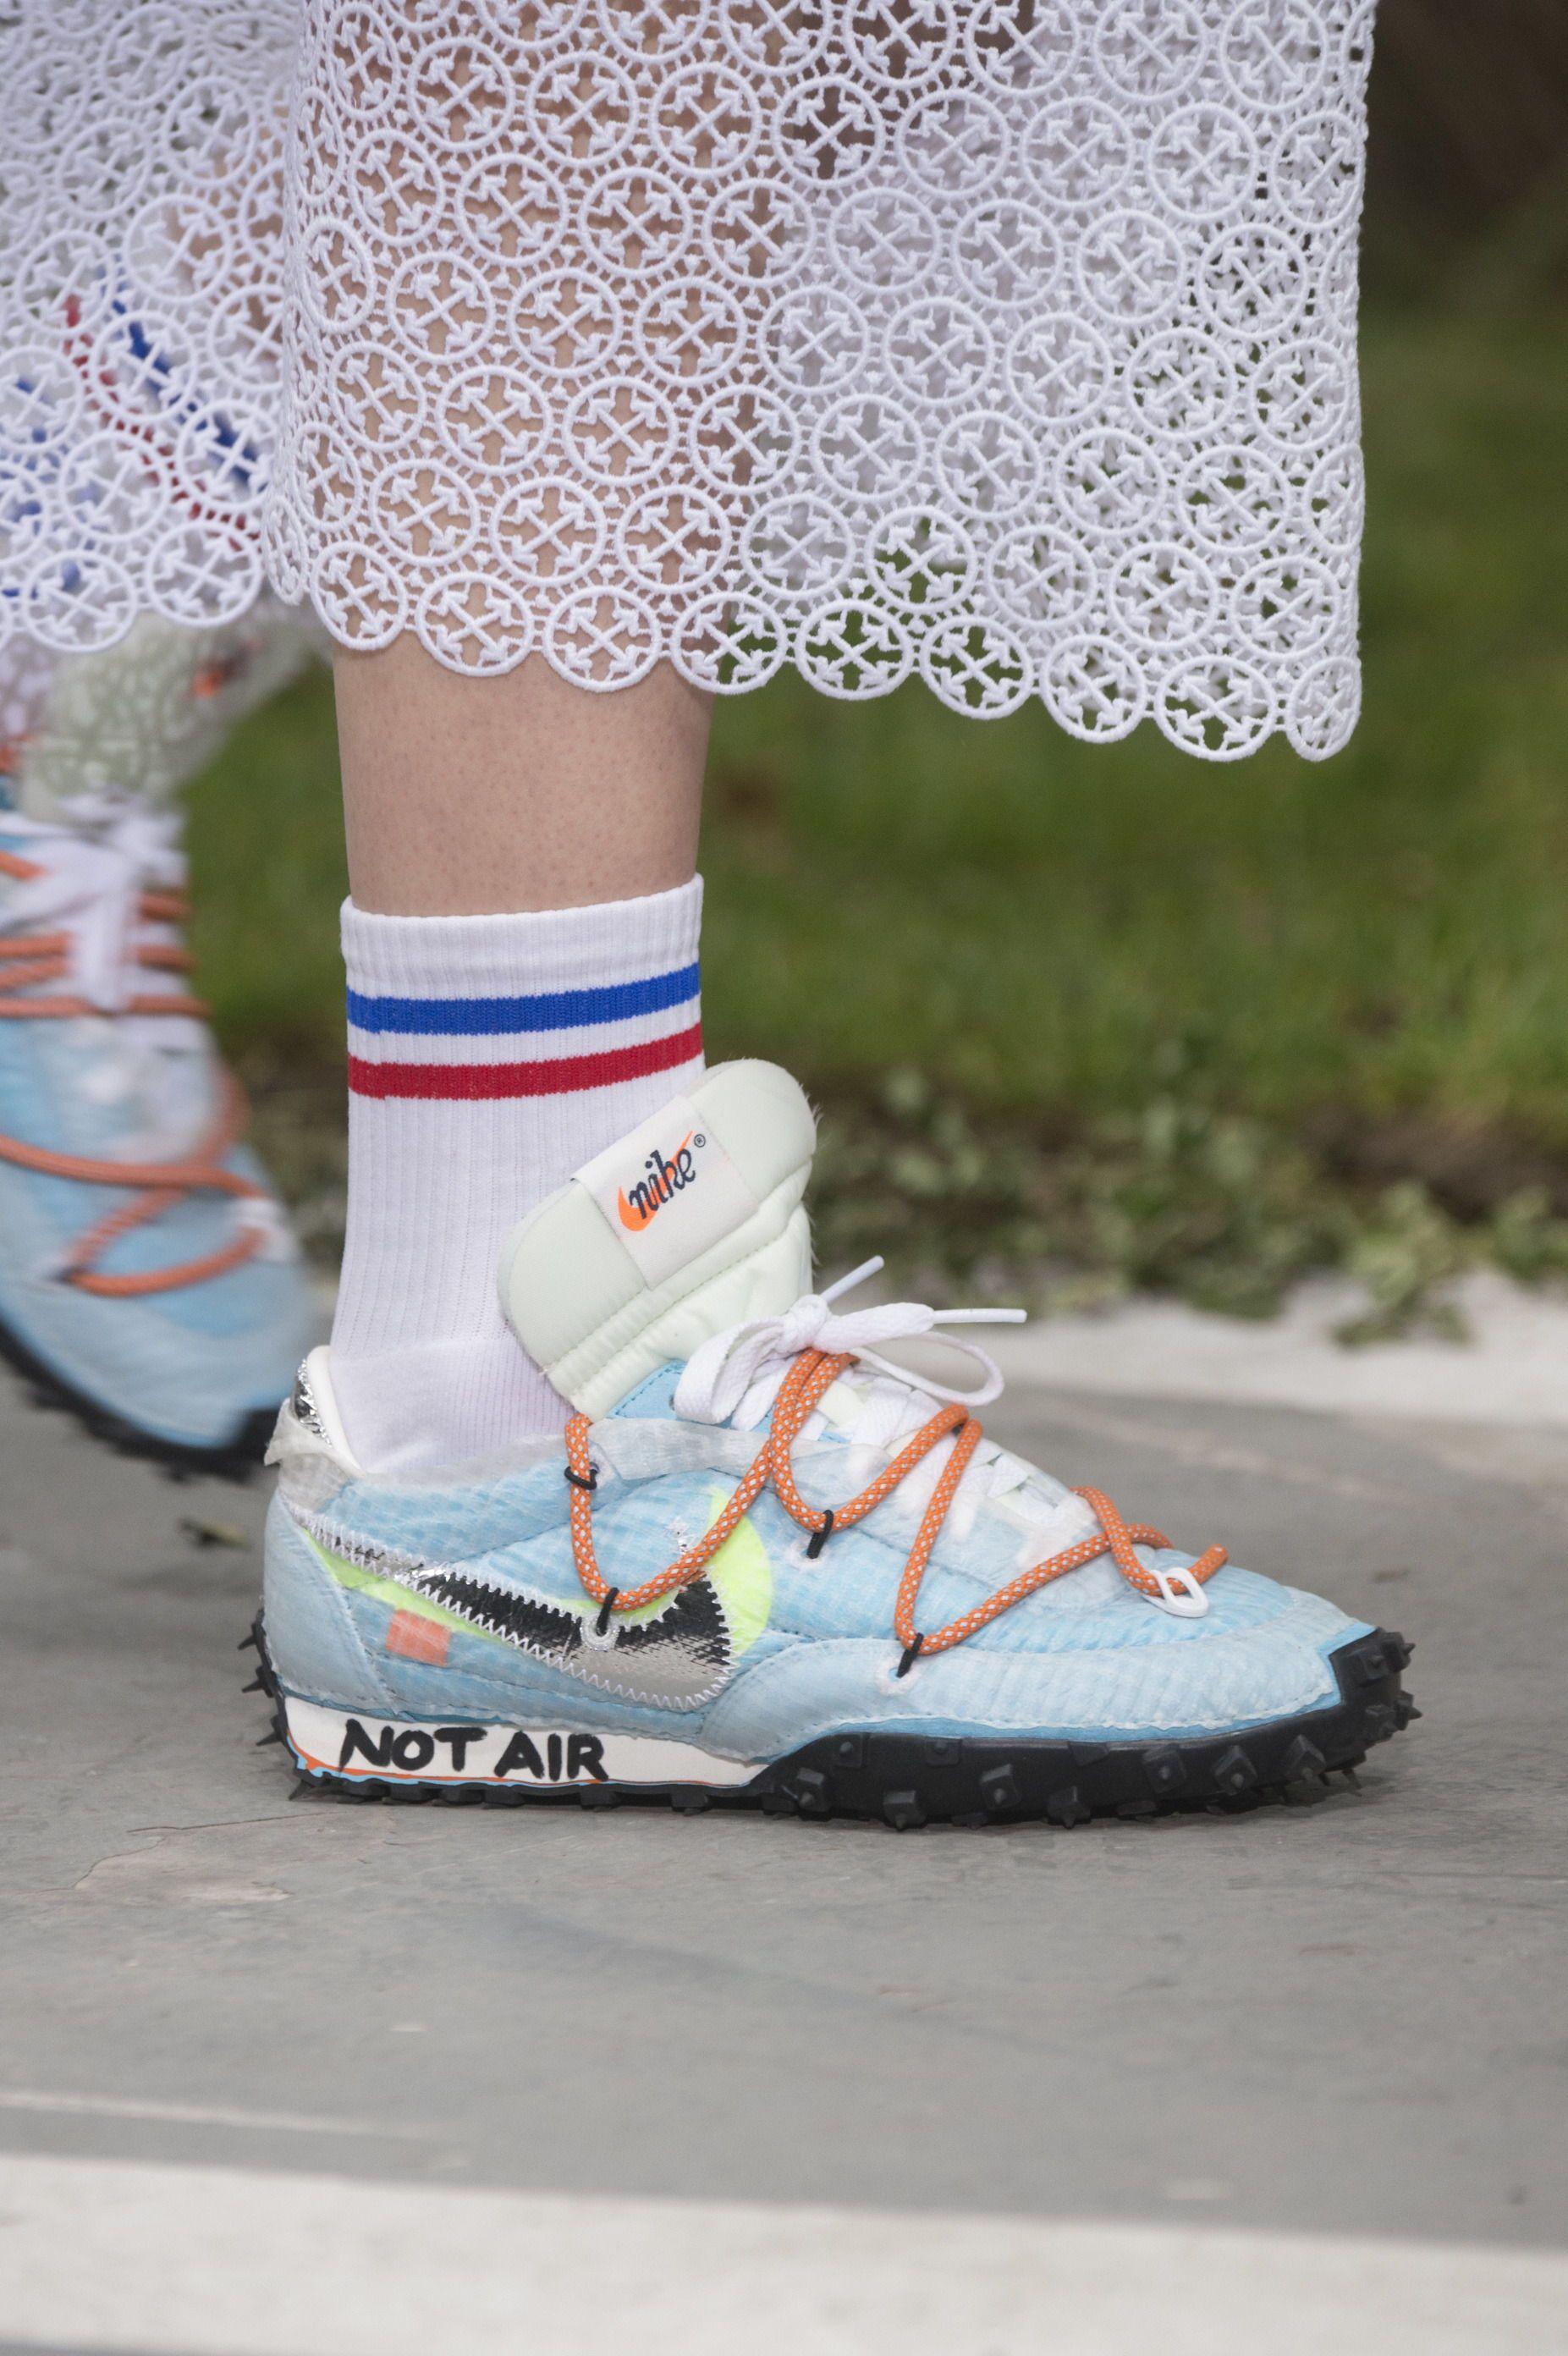 ae836118b0 Das ist der neuste Sneaker von Virgil Abloh für Off-White und Nike. Beim